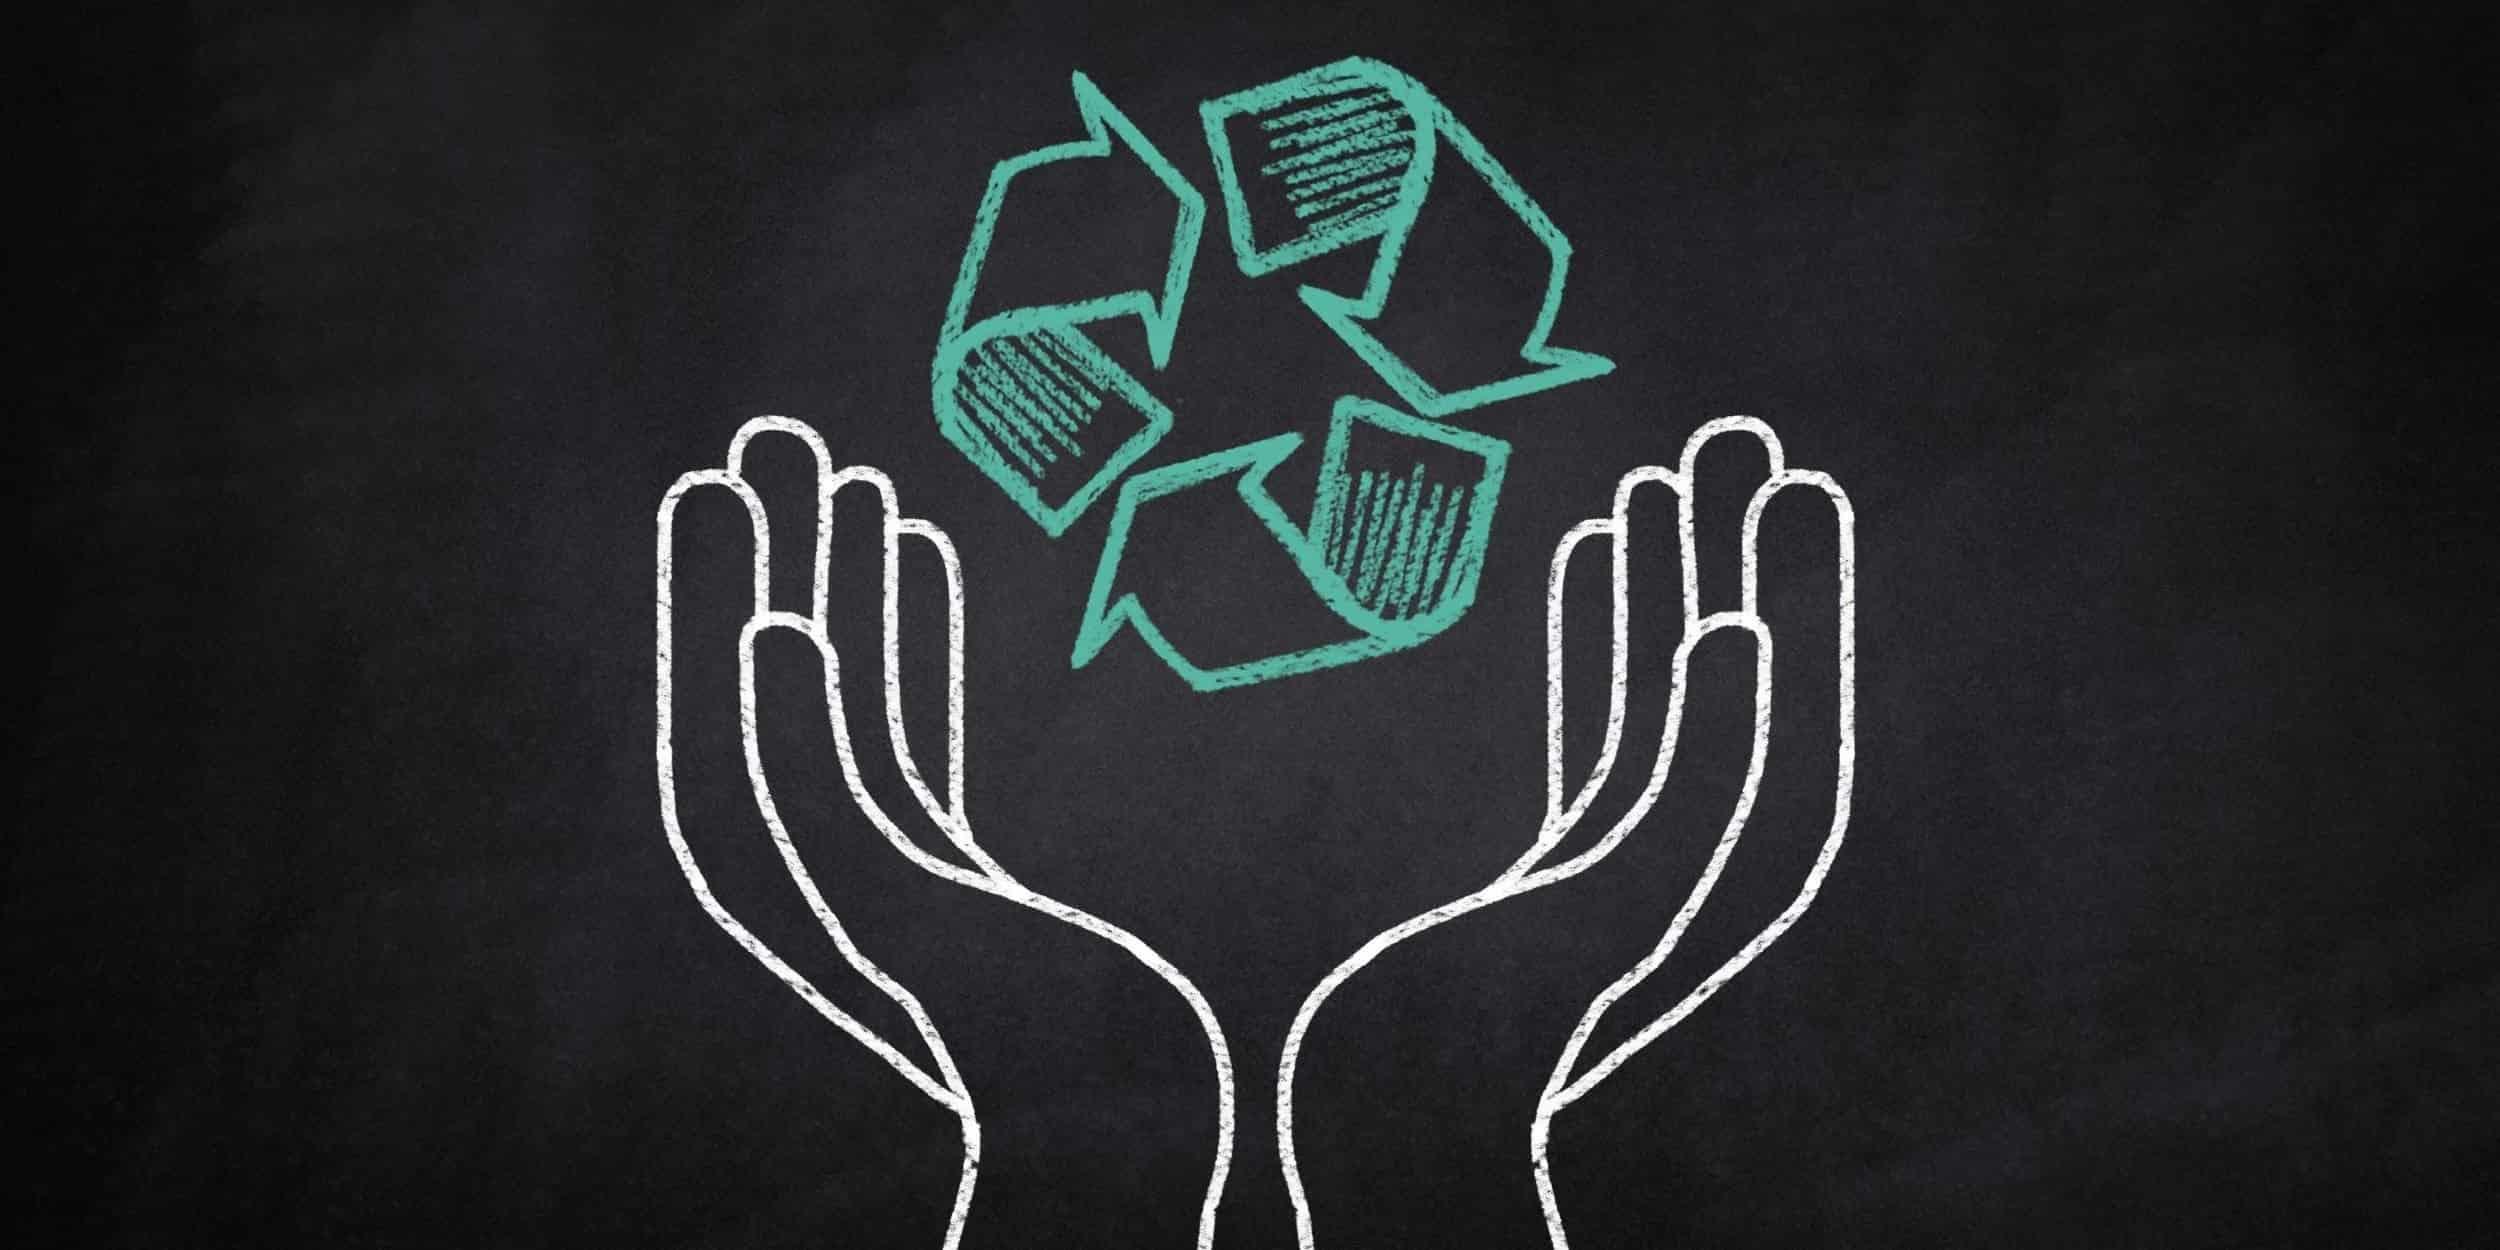 Daur ulang sampah plastik - Manfaat dan Proses Daur Ulang  Plastik